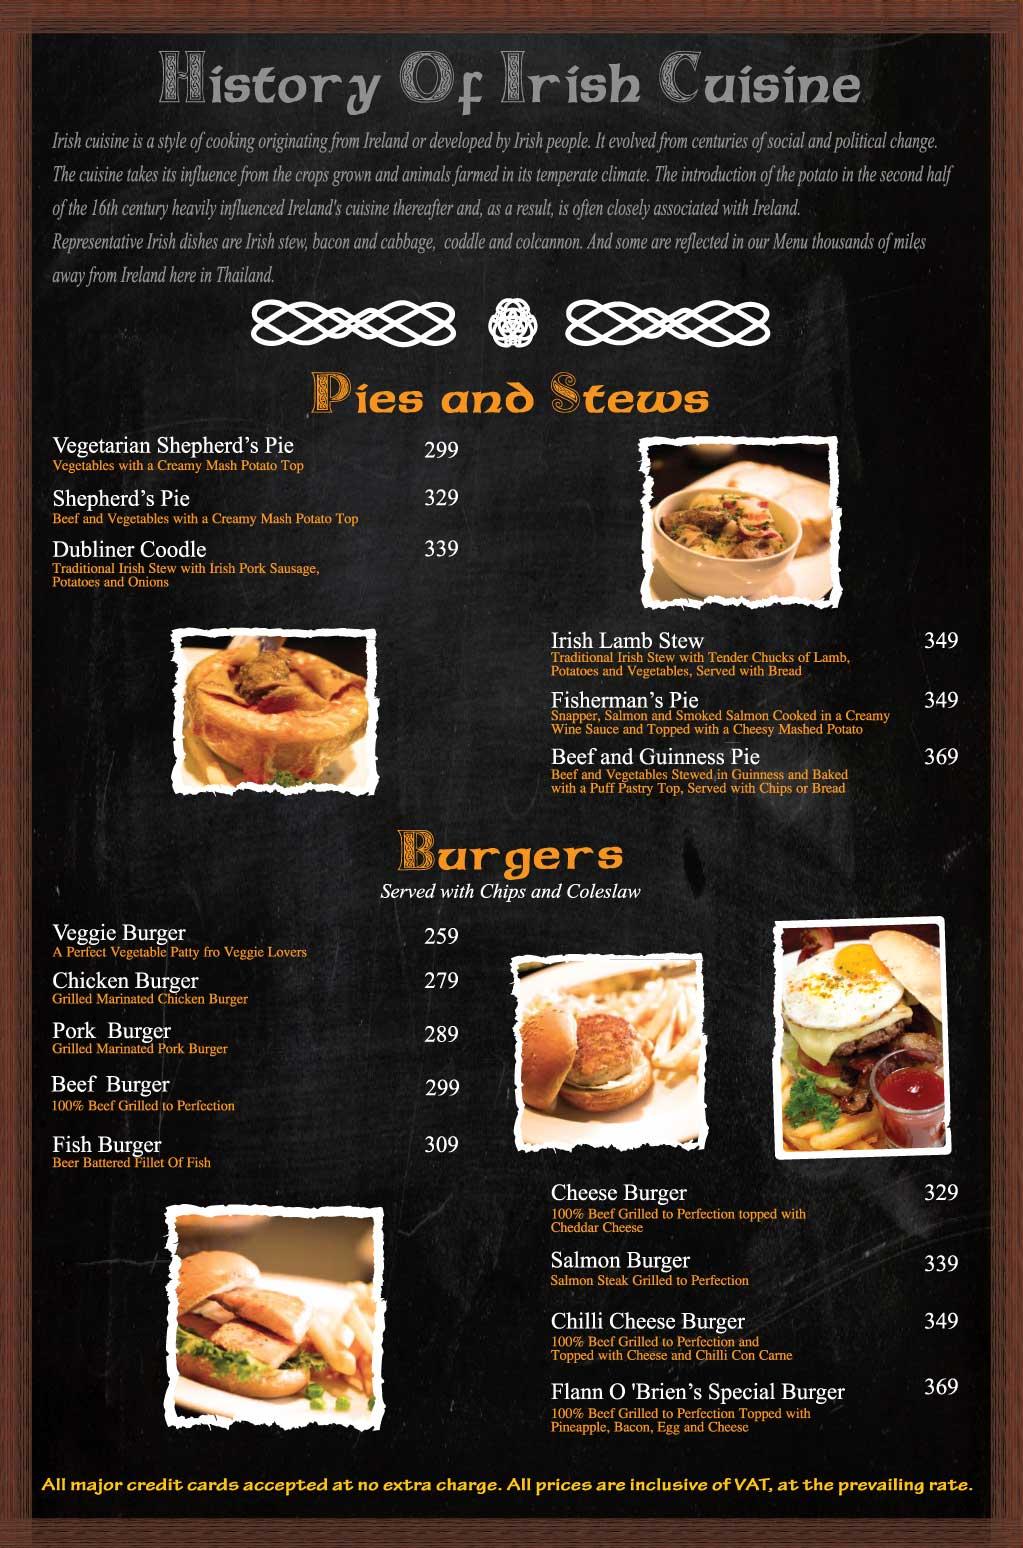 Flann Impact Food Menu Pies Stews Burgers